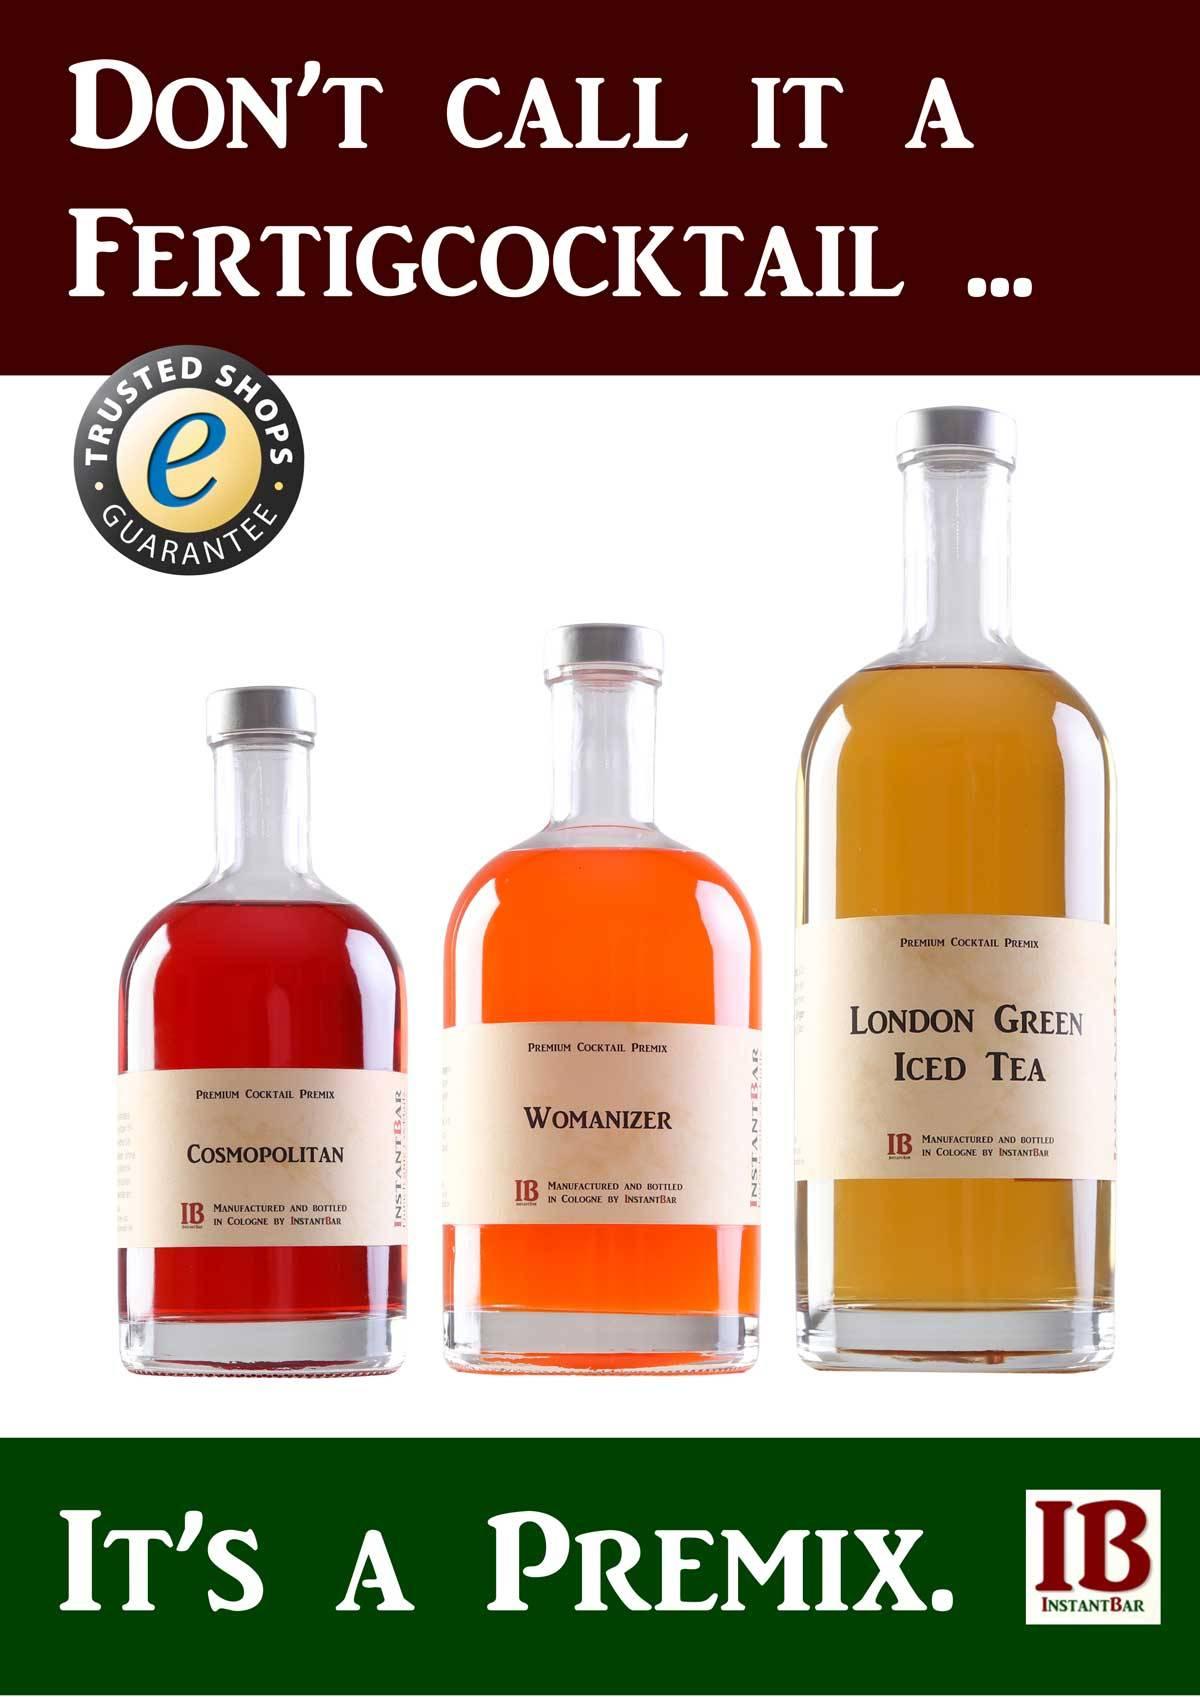 Cocktail-Premixes statt Fertigcocktails. - So einfach können gute ...